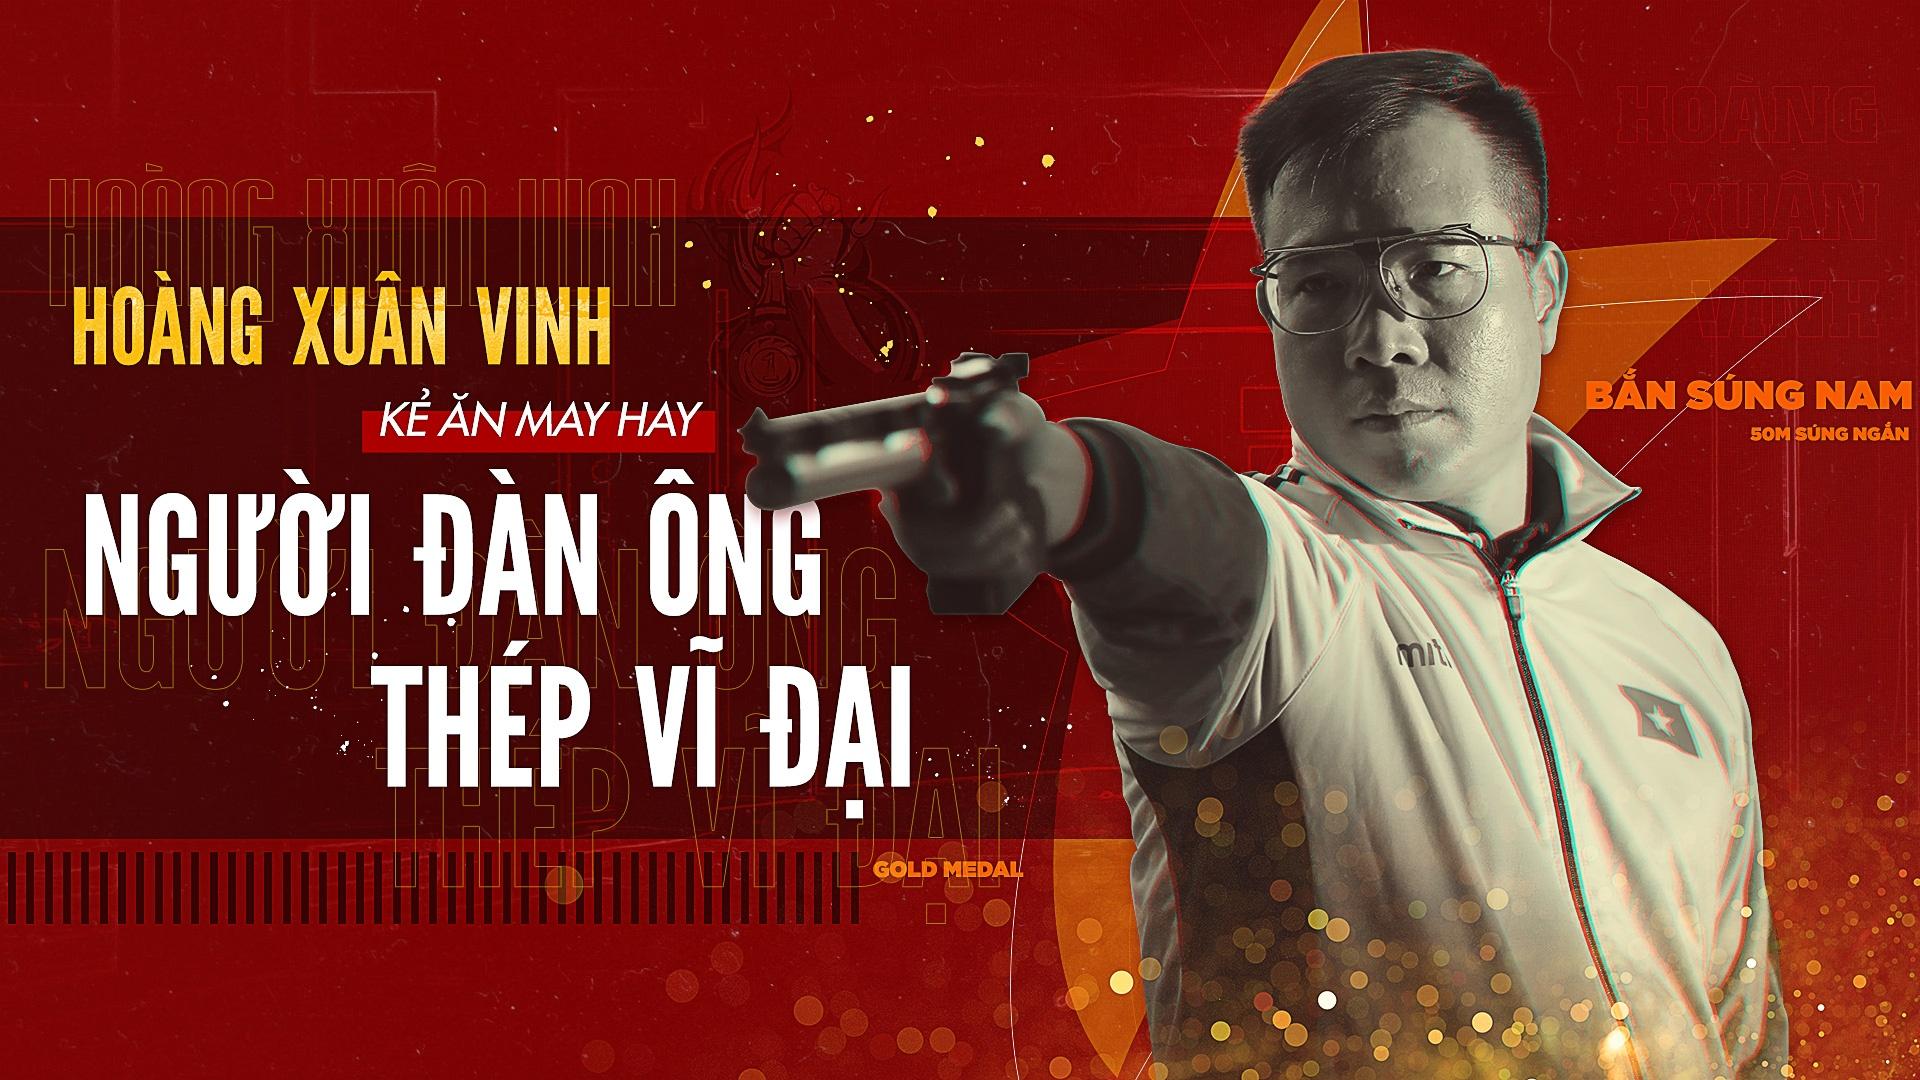 ASIAD,  Hoang Xuan Vinh,  Sting anh 2